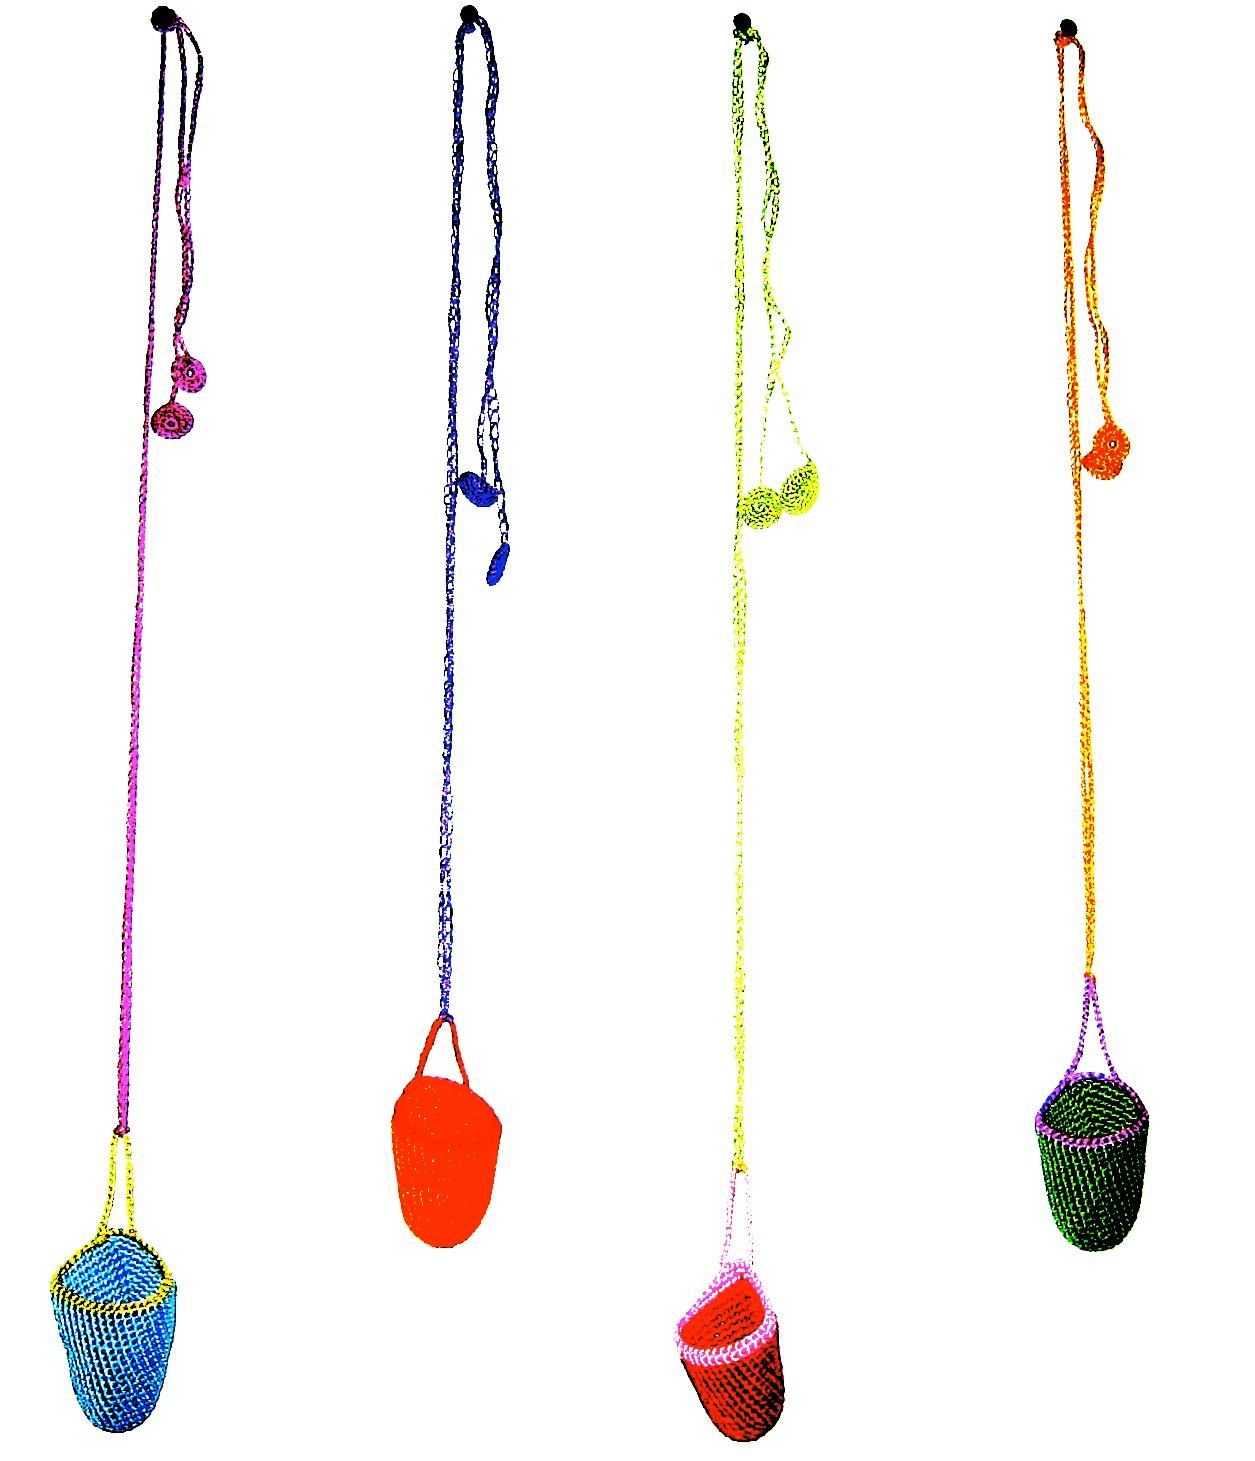 gemma pampalona joies de ganxet joyas de ganchillo crochet jewelry ... Jewelry